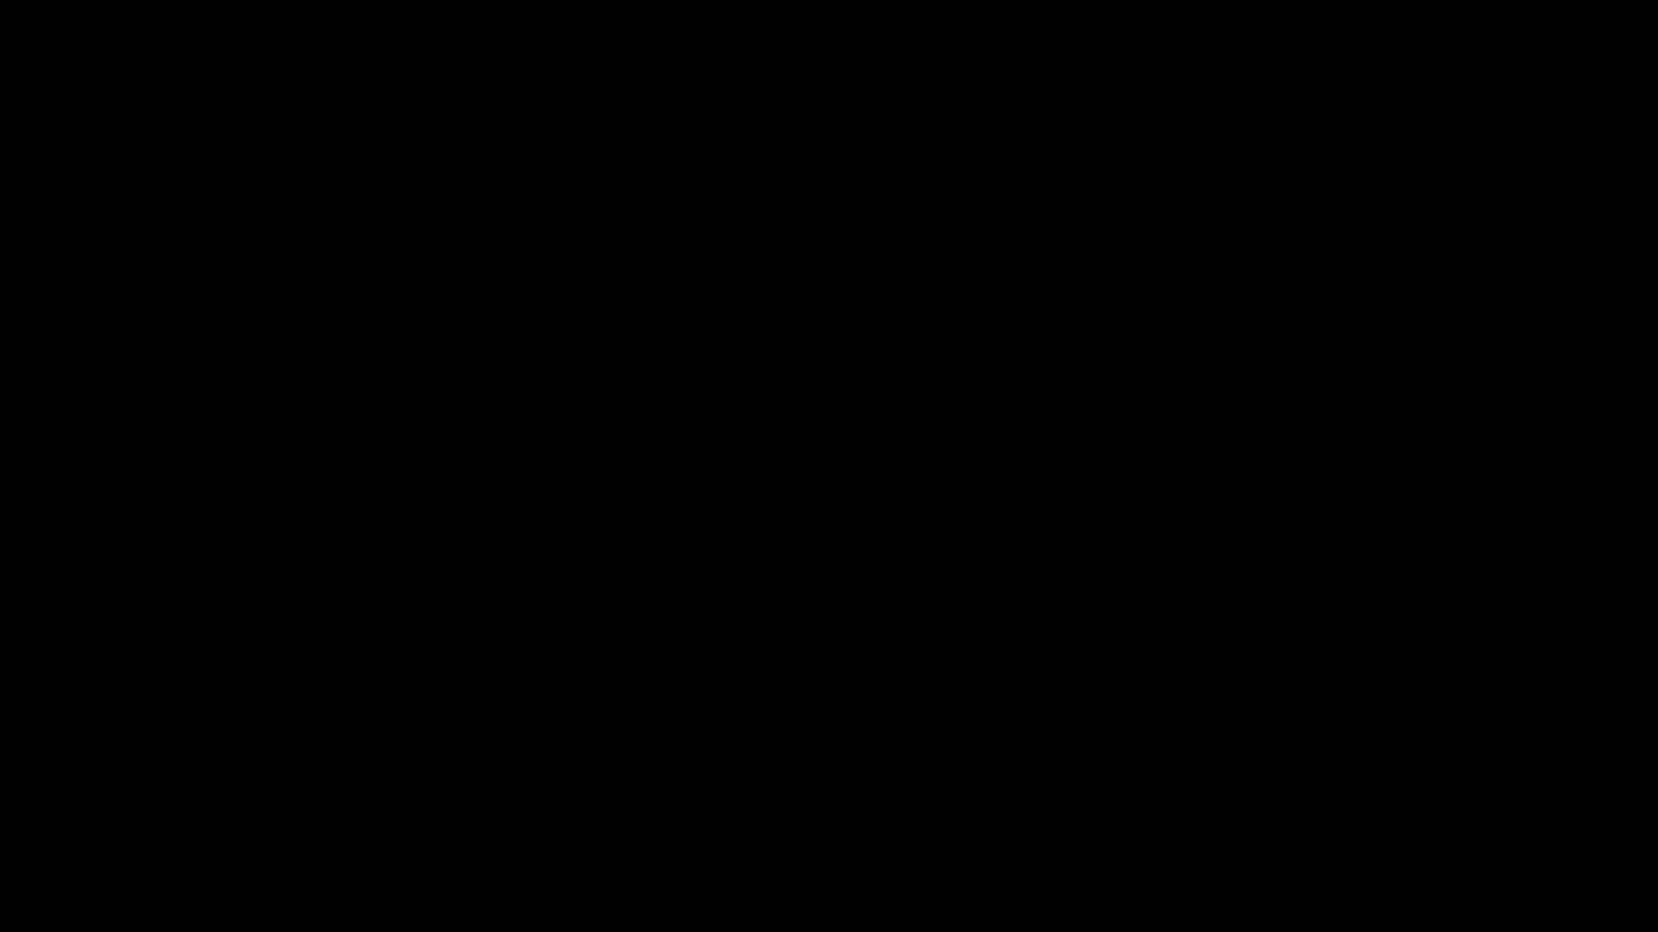 evenprime-logo-transparent.png